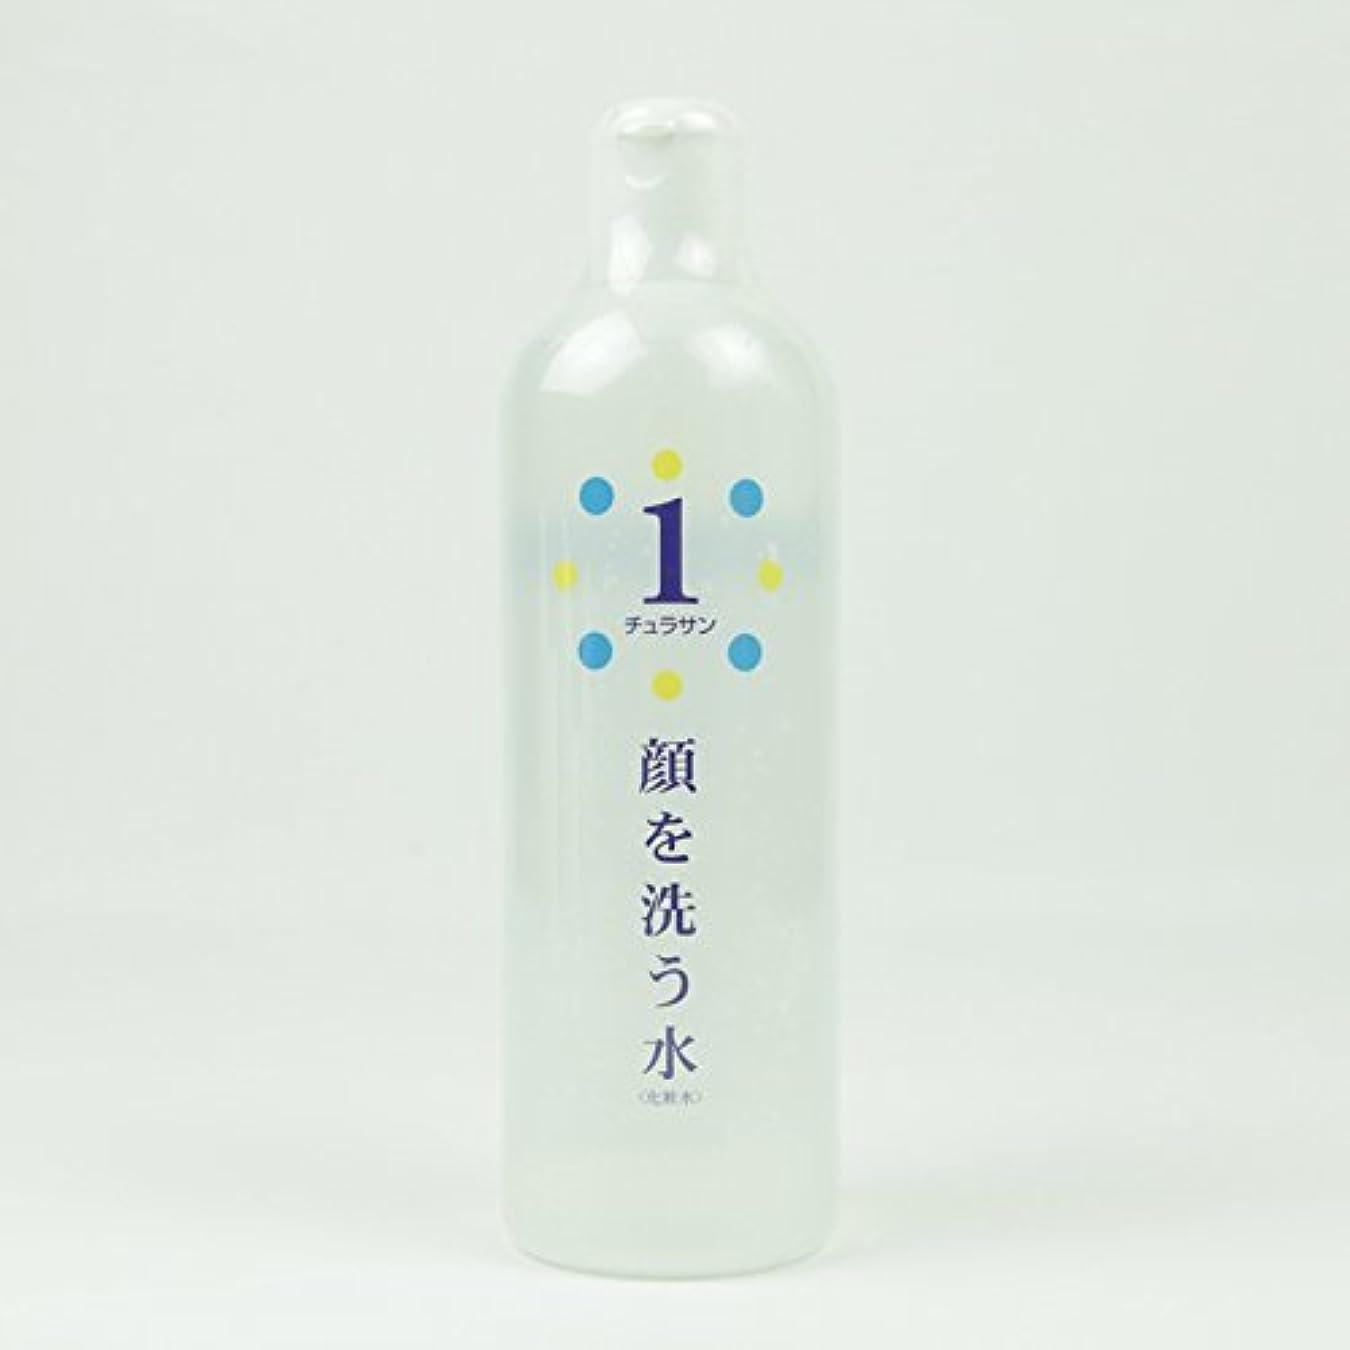 一握り軽食データベースチュラサン1 【顔を洗う水】 500ml